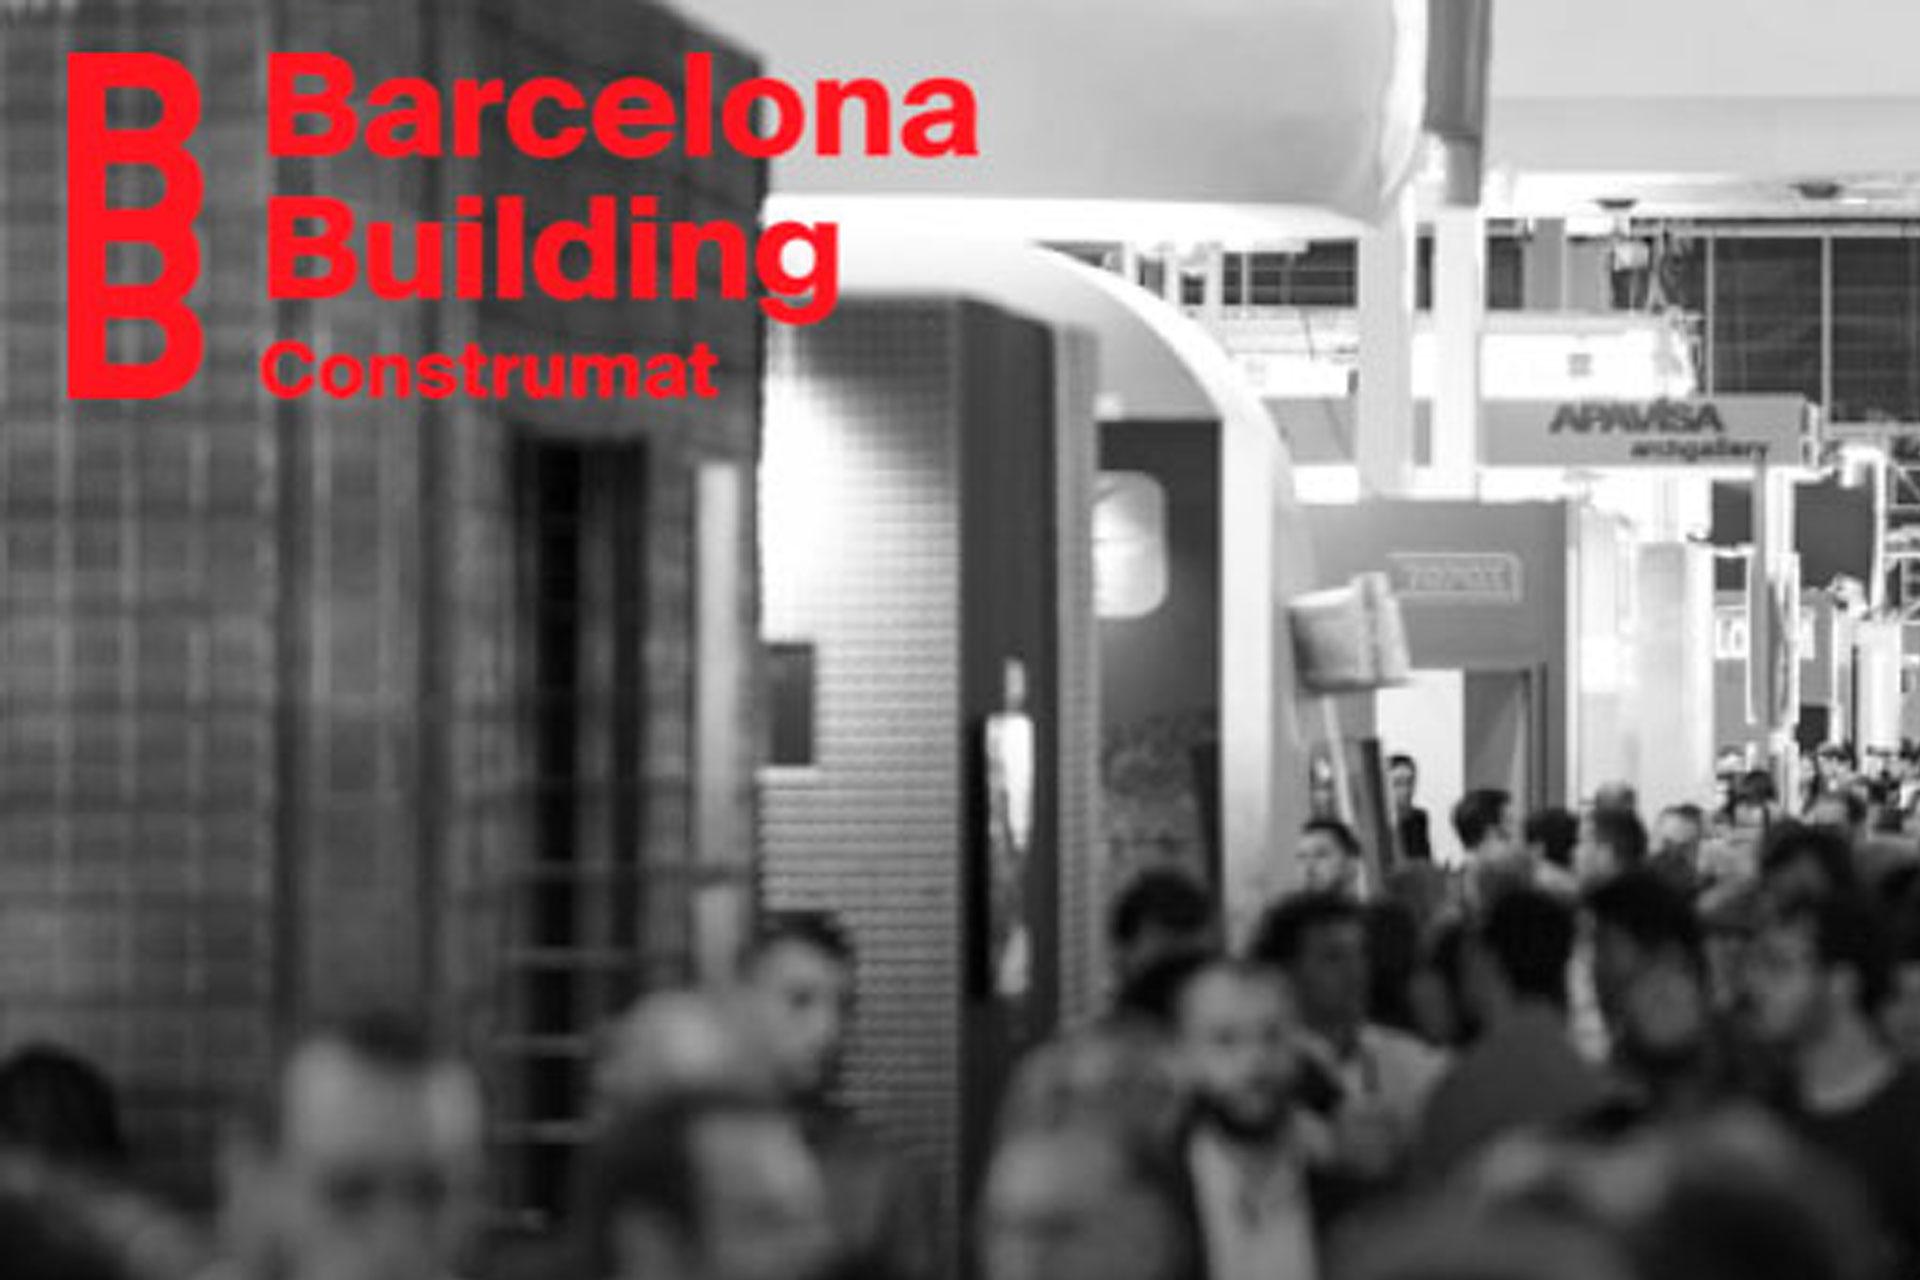 Construmat: La Feria de la Construcción Internacional. Del 23 al 26 de mayo, Barcelona